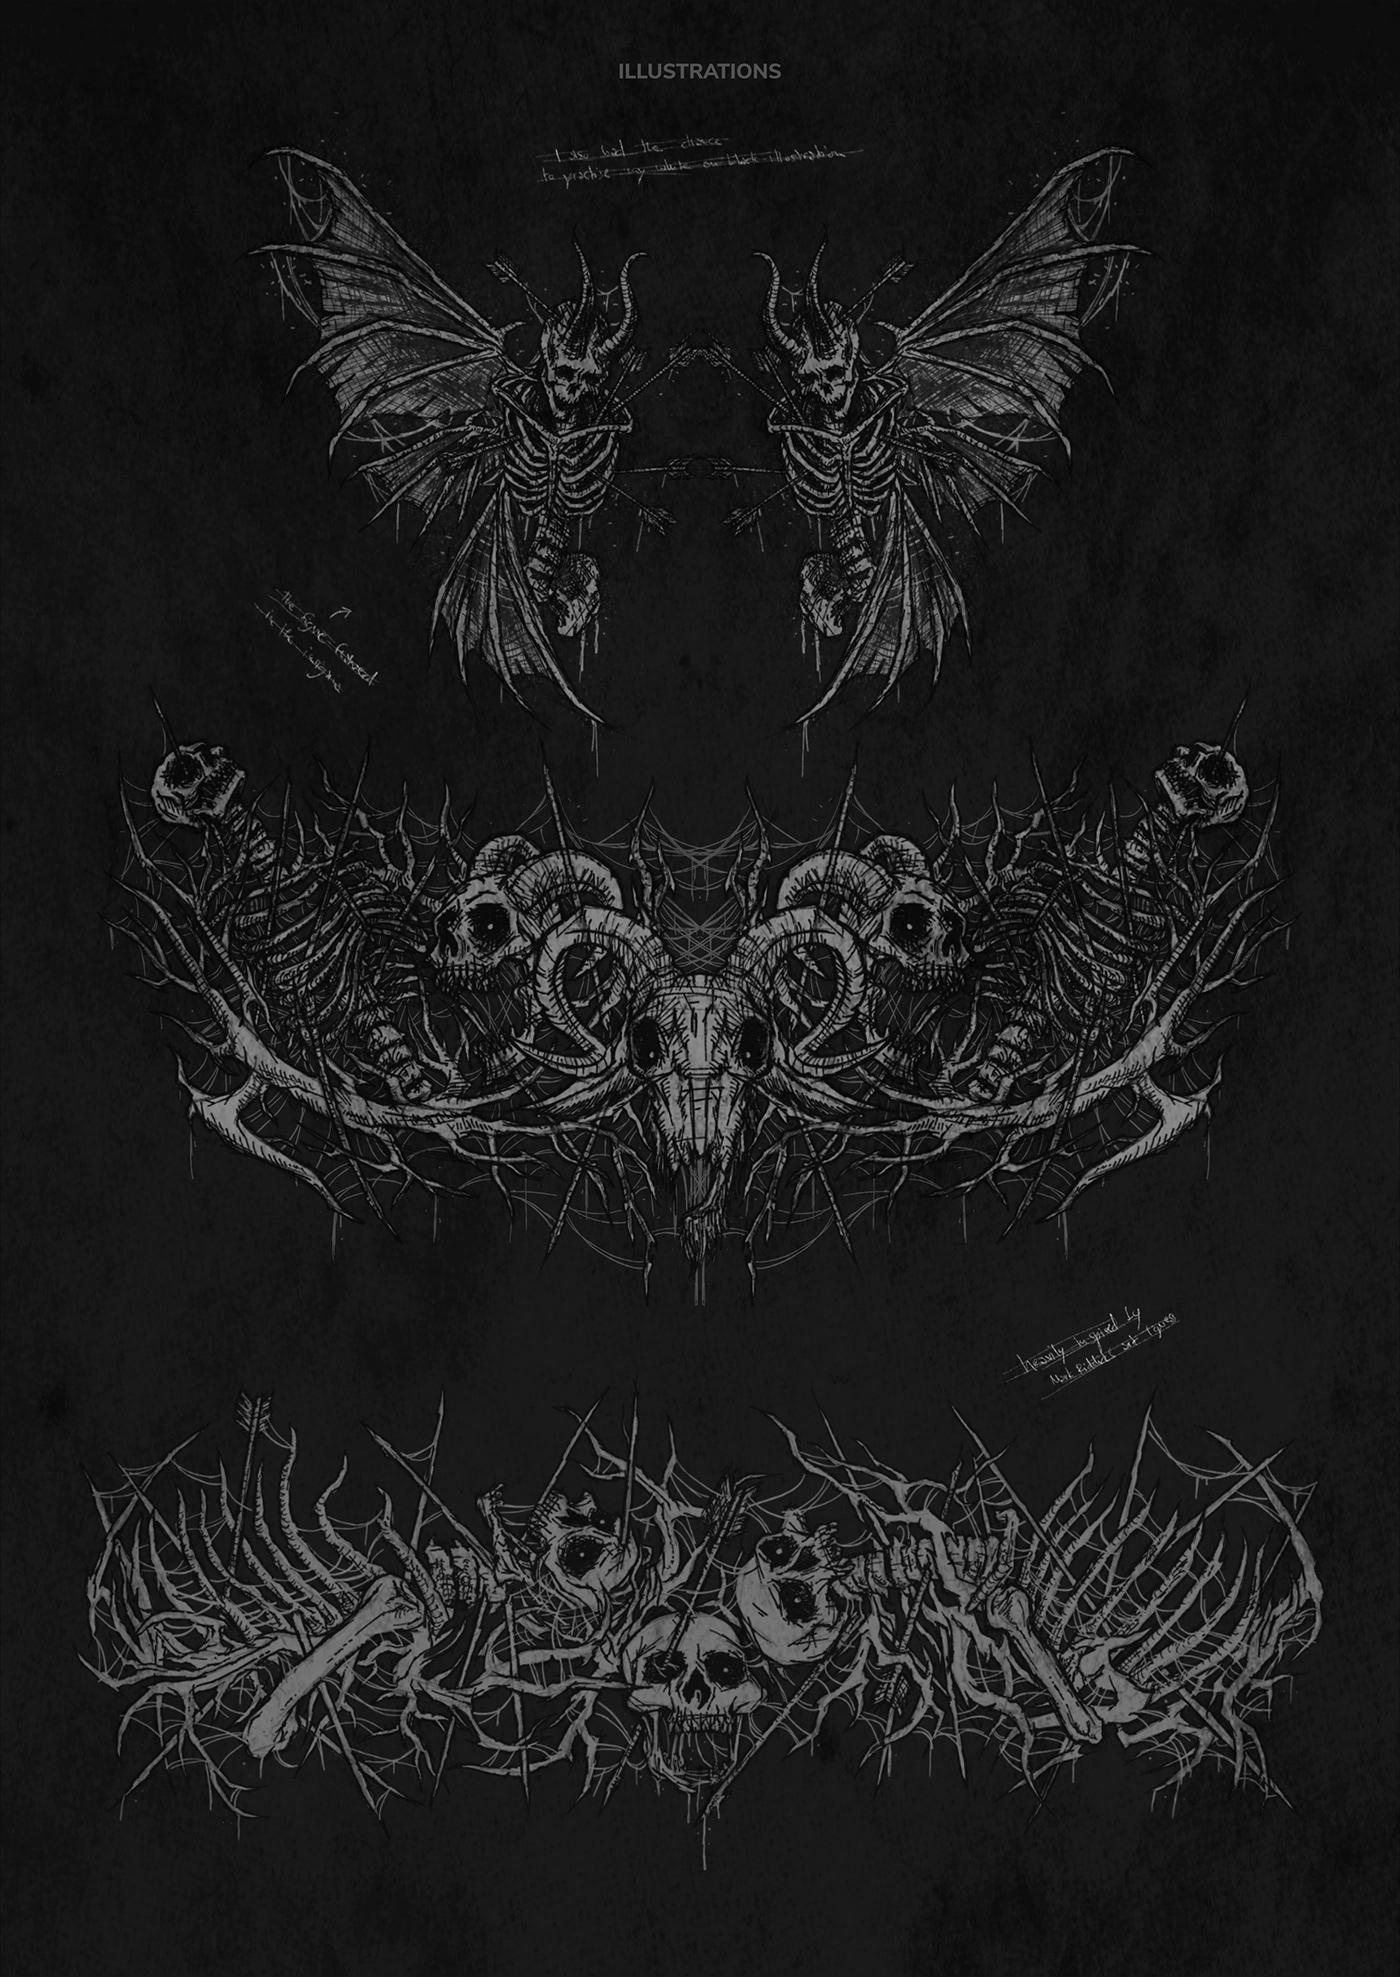 GALLANTEER // Illustration